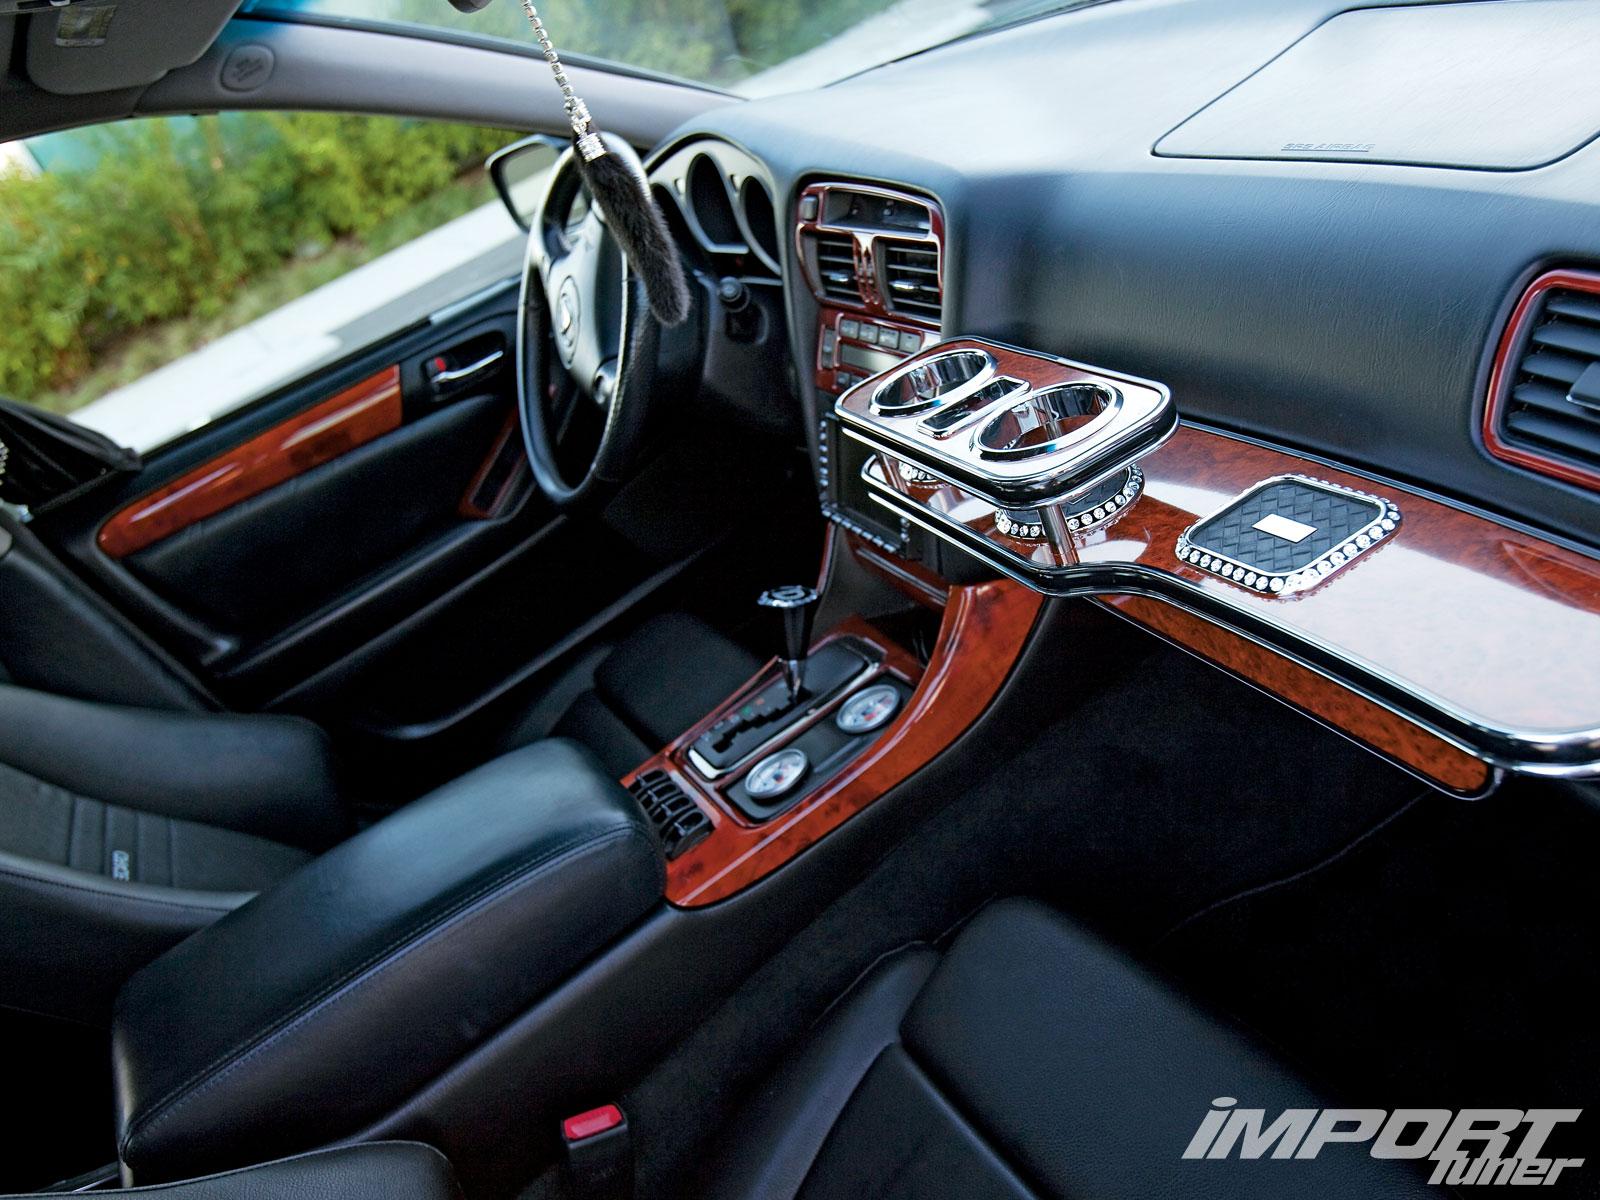 LEXUS GS 300 interior